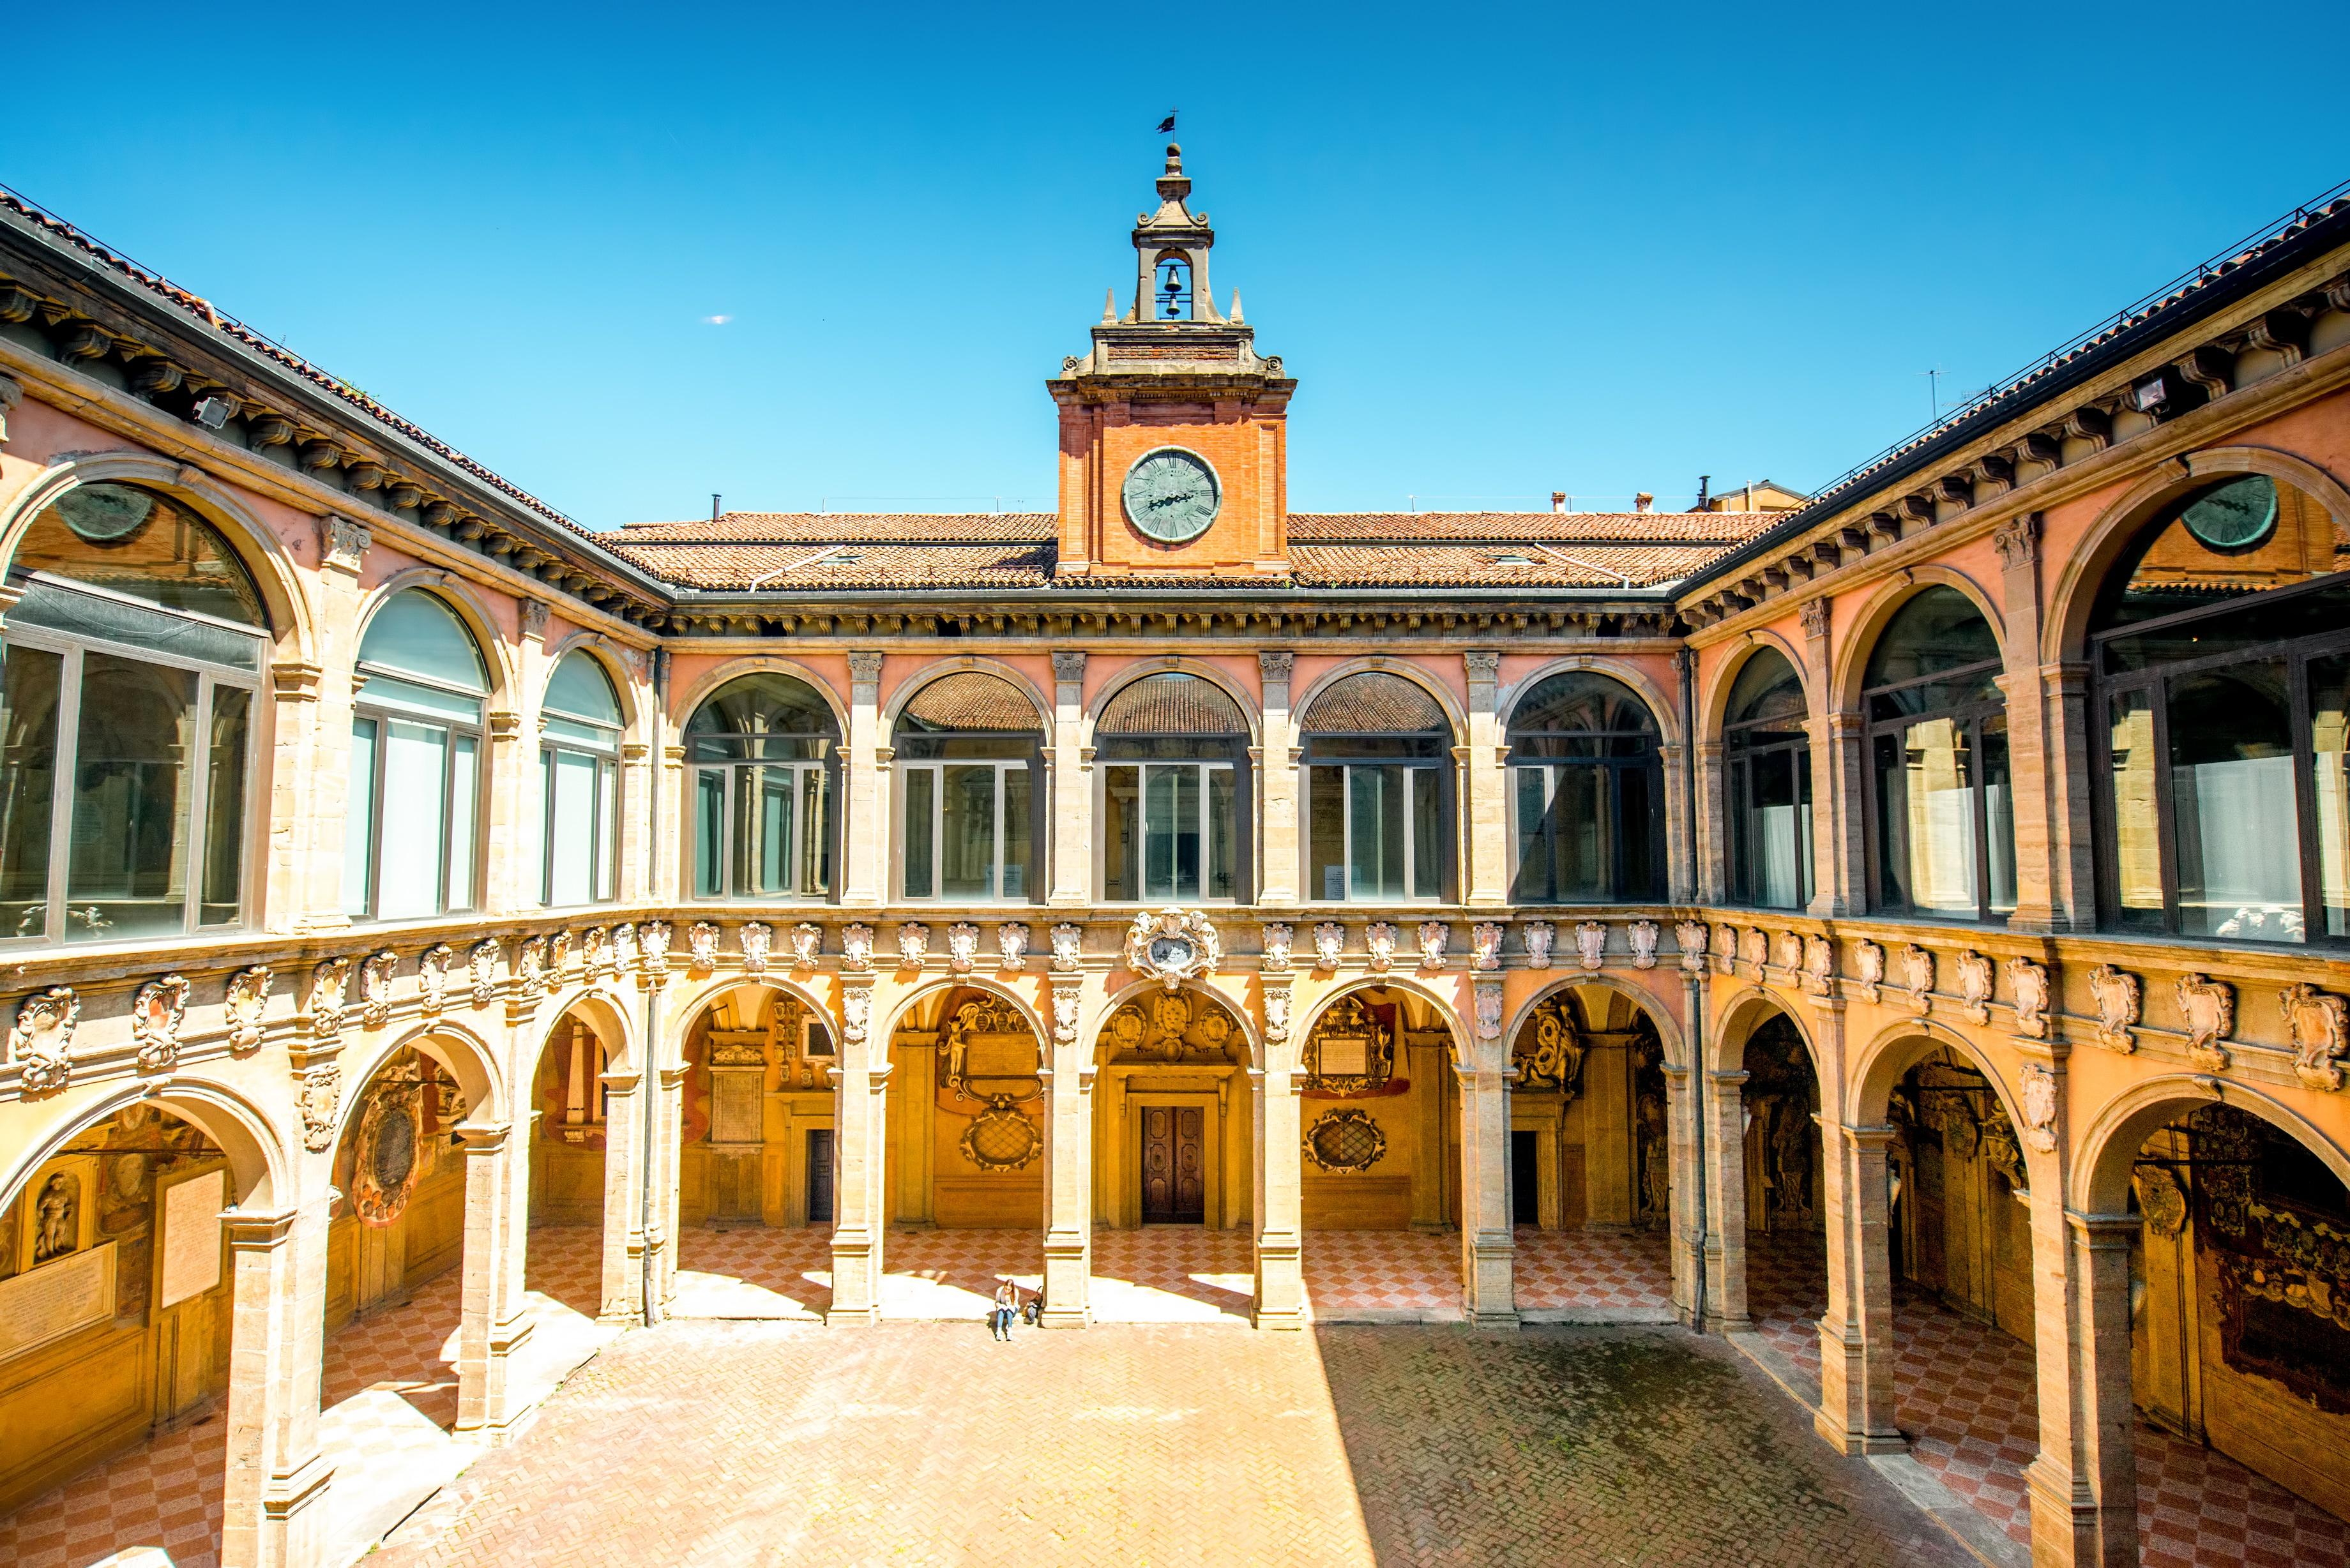 Studi Di Architettura Cuneo università pubbliche d'italia: la guida e l'elenco | studenti.it